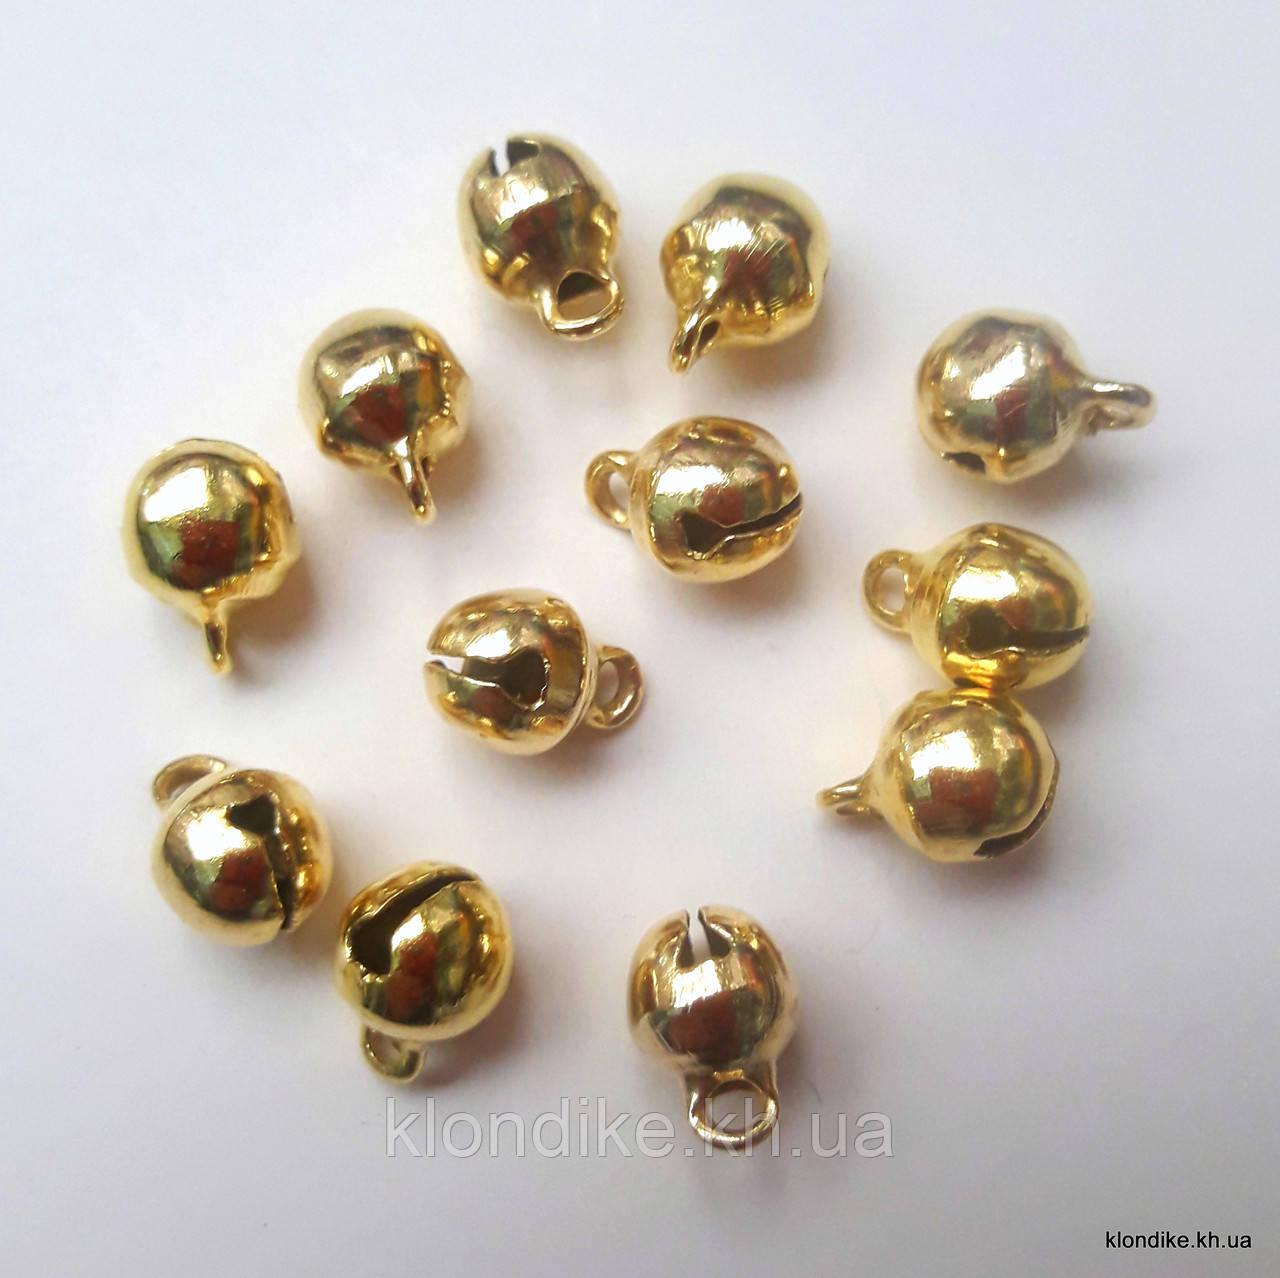 Бубонці, Металеві, 6×7 мм, Колір: Золото (20 шт)